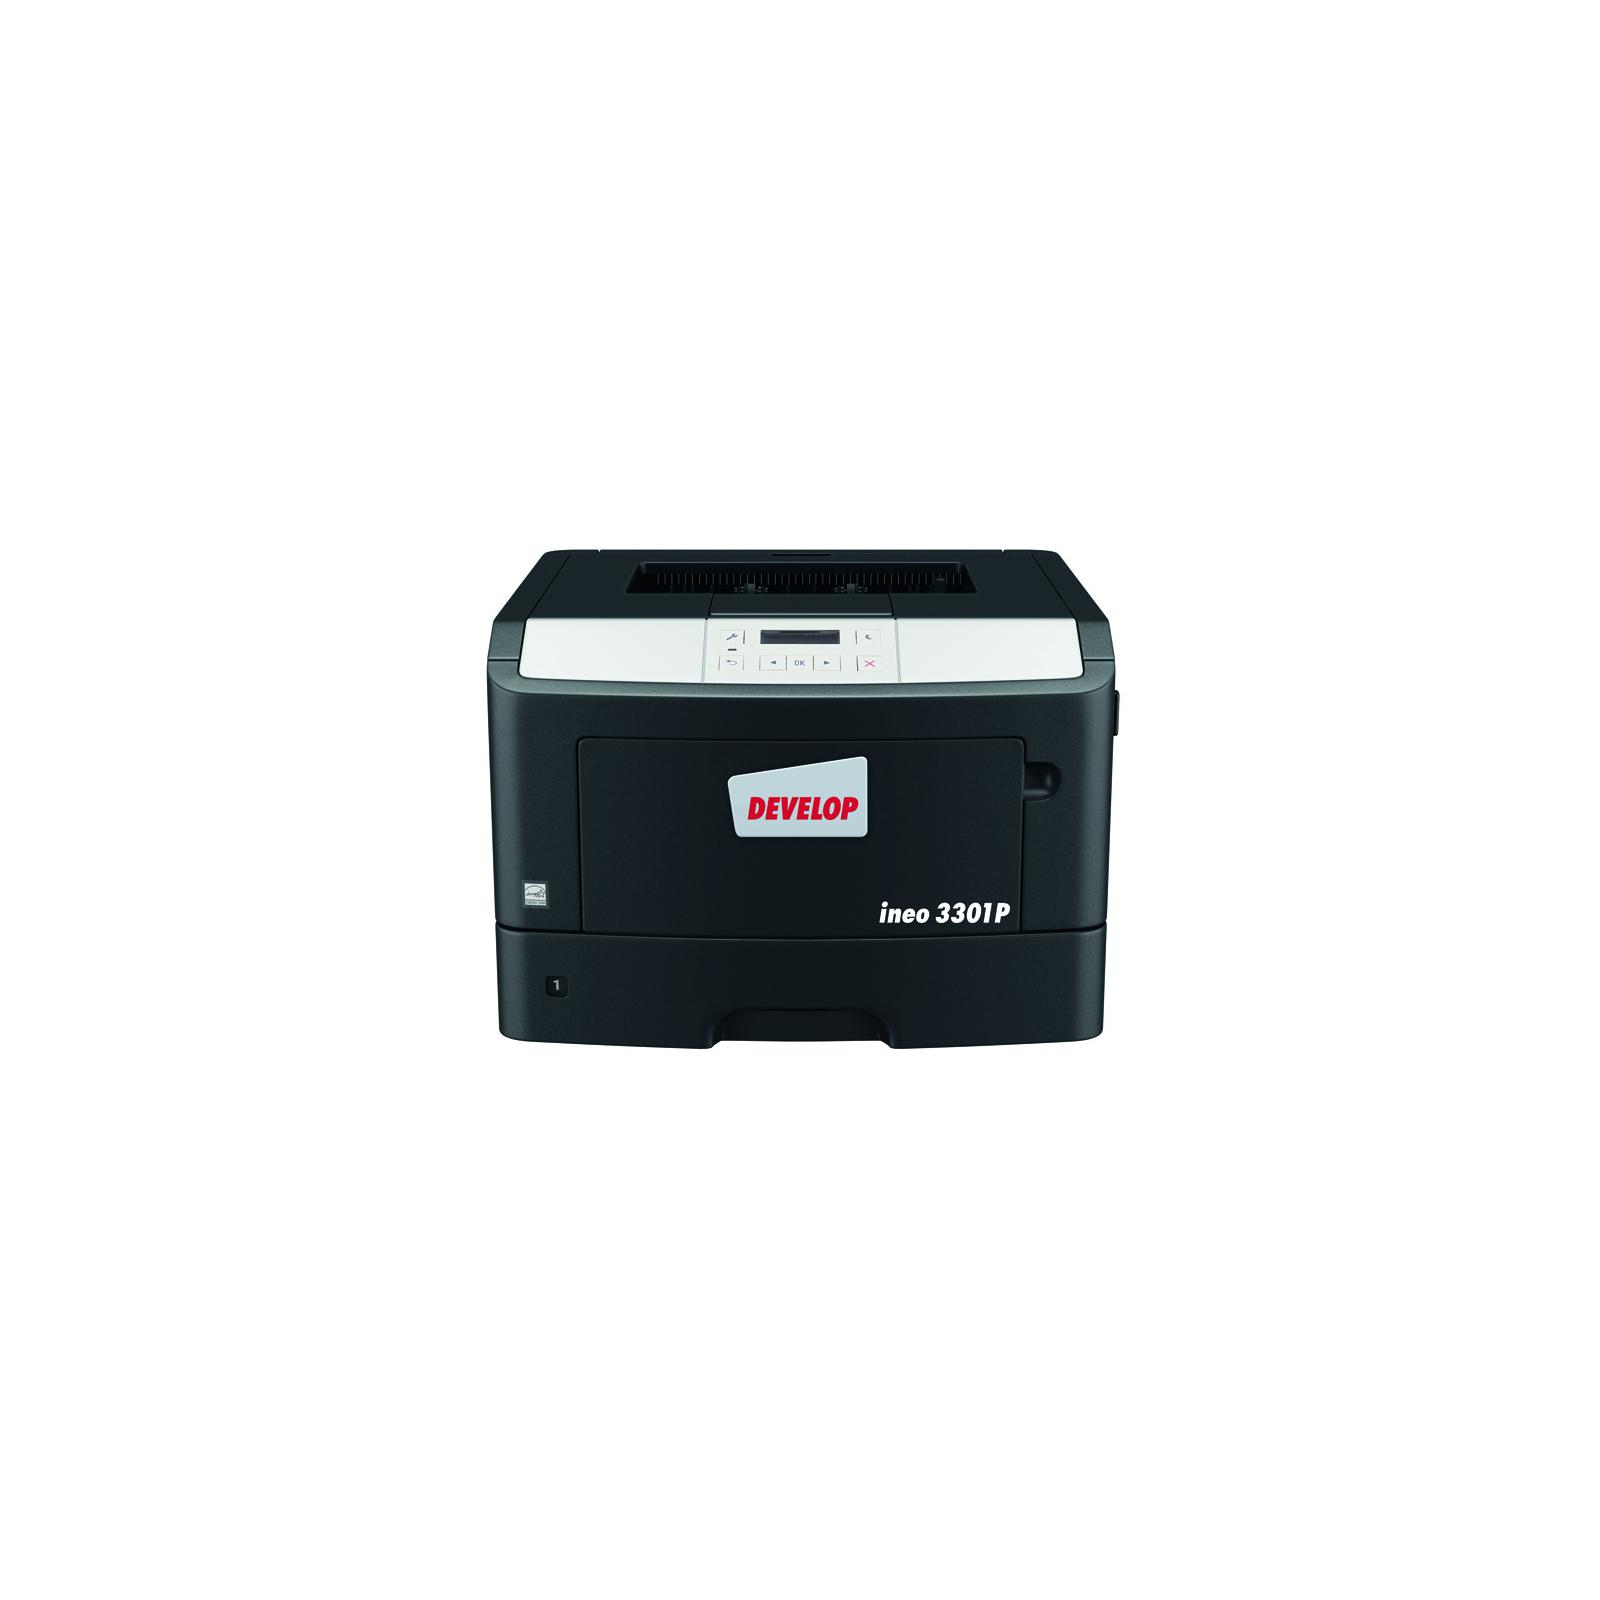 Лазерный принтер Develop ineo 3301p (4827000318)